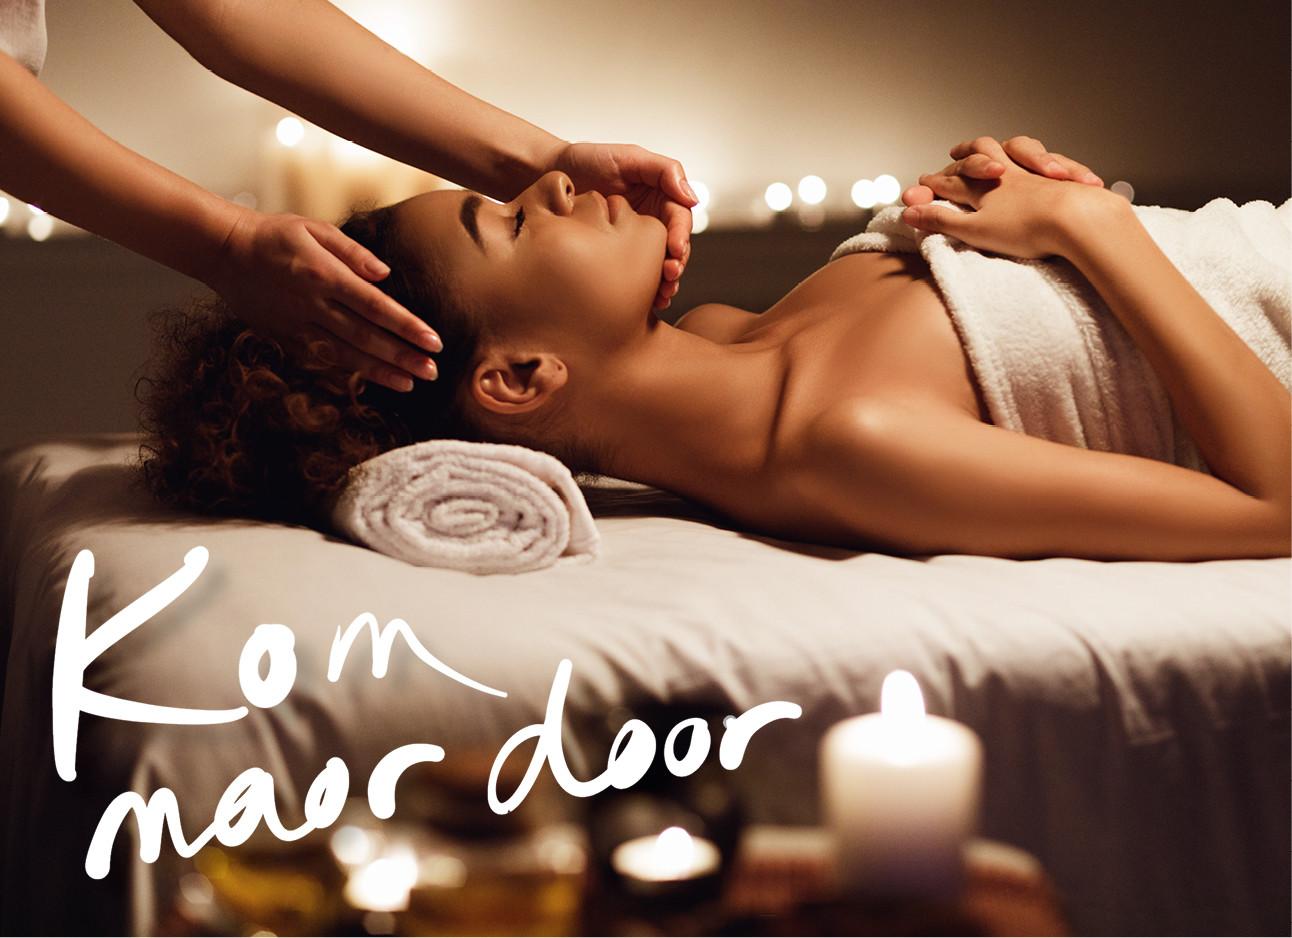 een vrouw die een massage krijgt in een salon